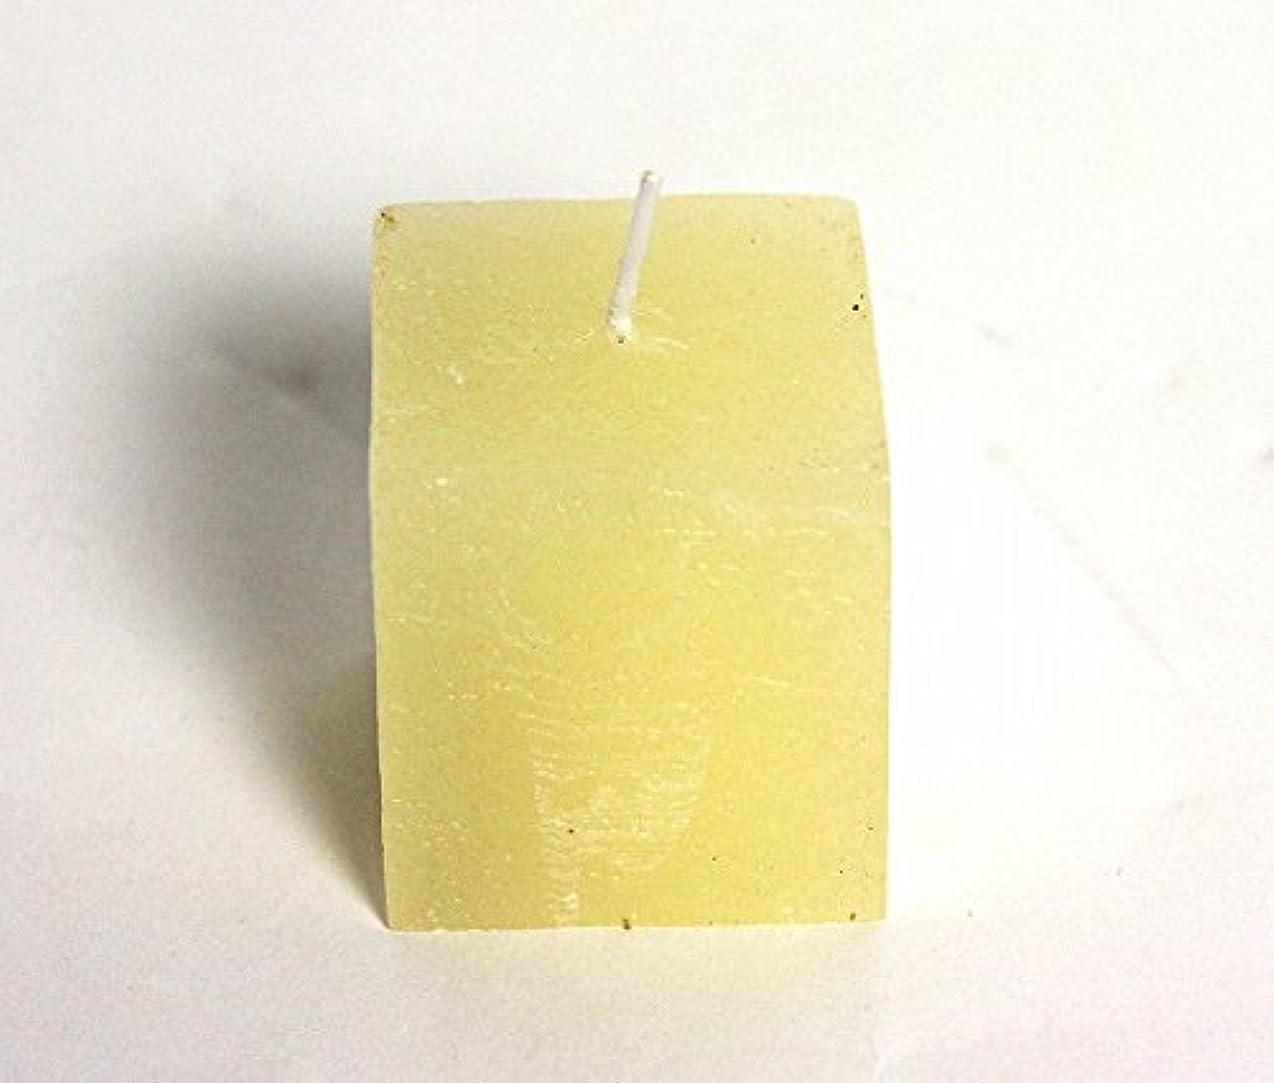 半導体マニュアル賄賂カメヤマキャンドル( kameyama candle ) ラスティクミニキューブ 「 アイボリー 」